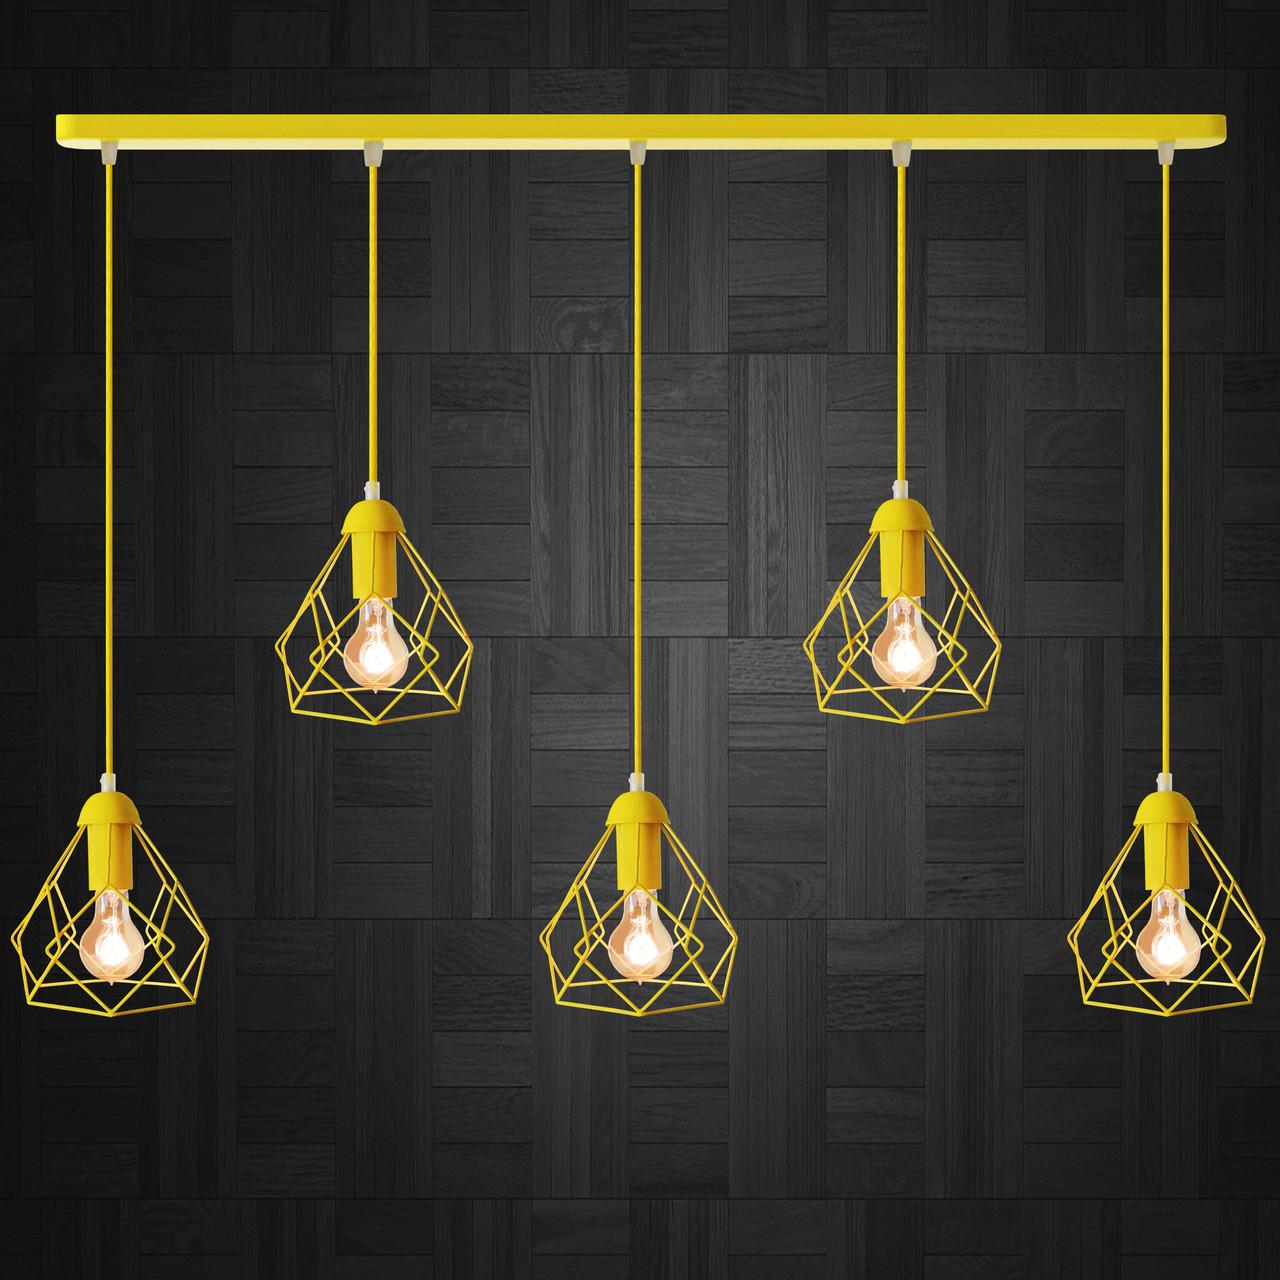 """Подвесной металлический светильник, современный стиль, loft, vintage, modern style """"RUBY-5Е"""" Е27  желтый цвет"""